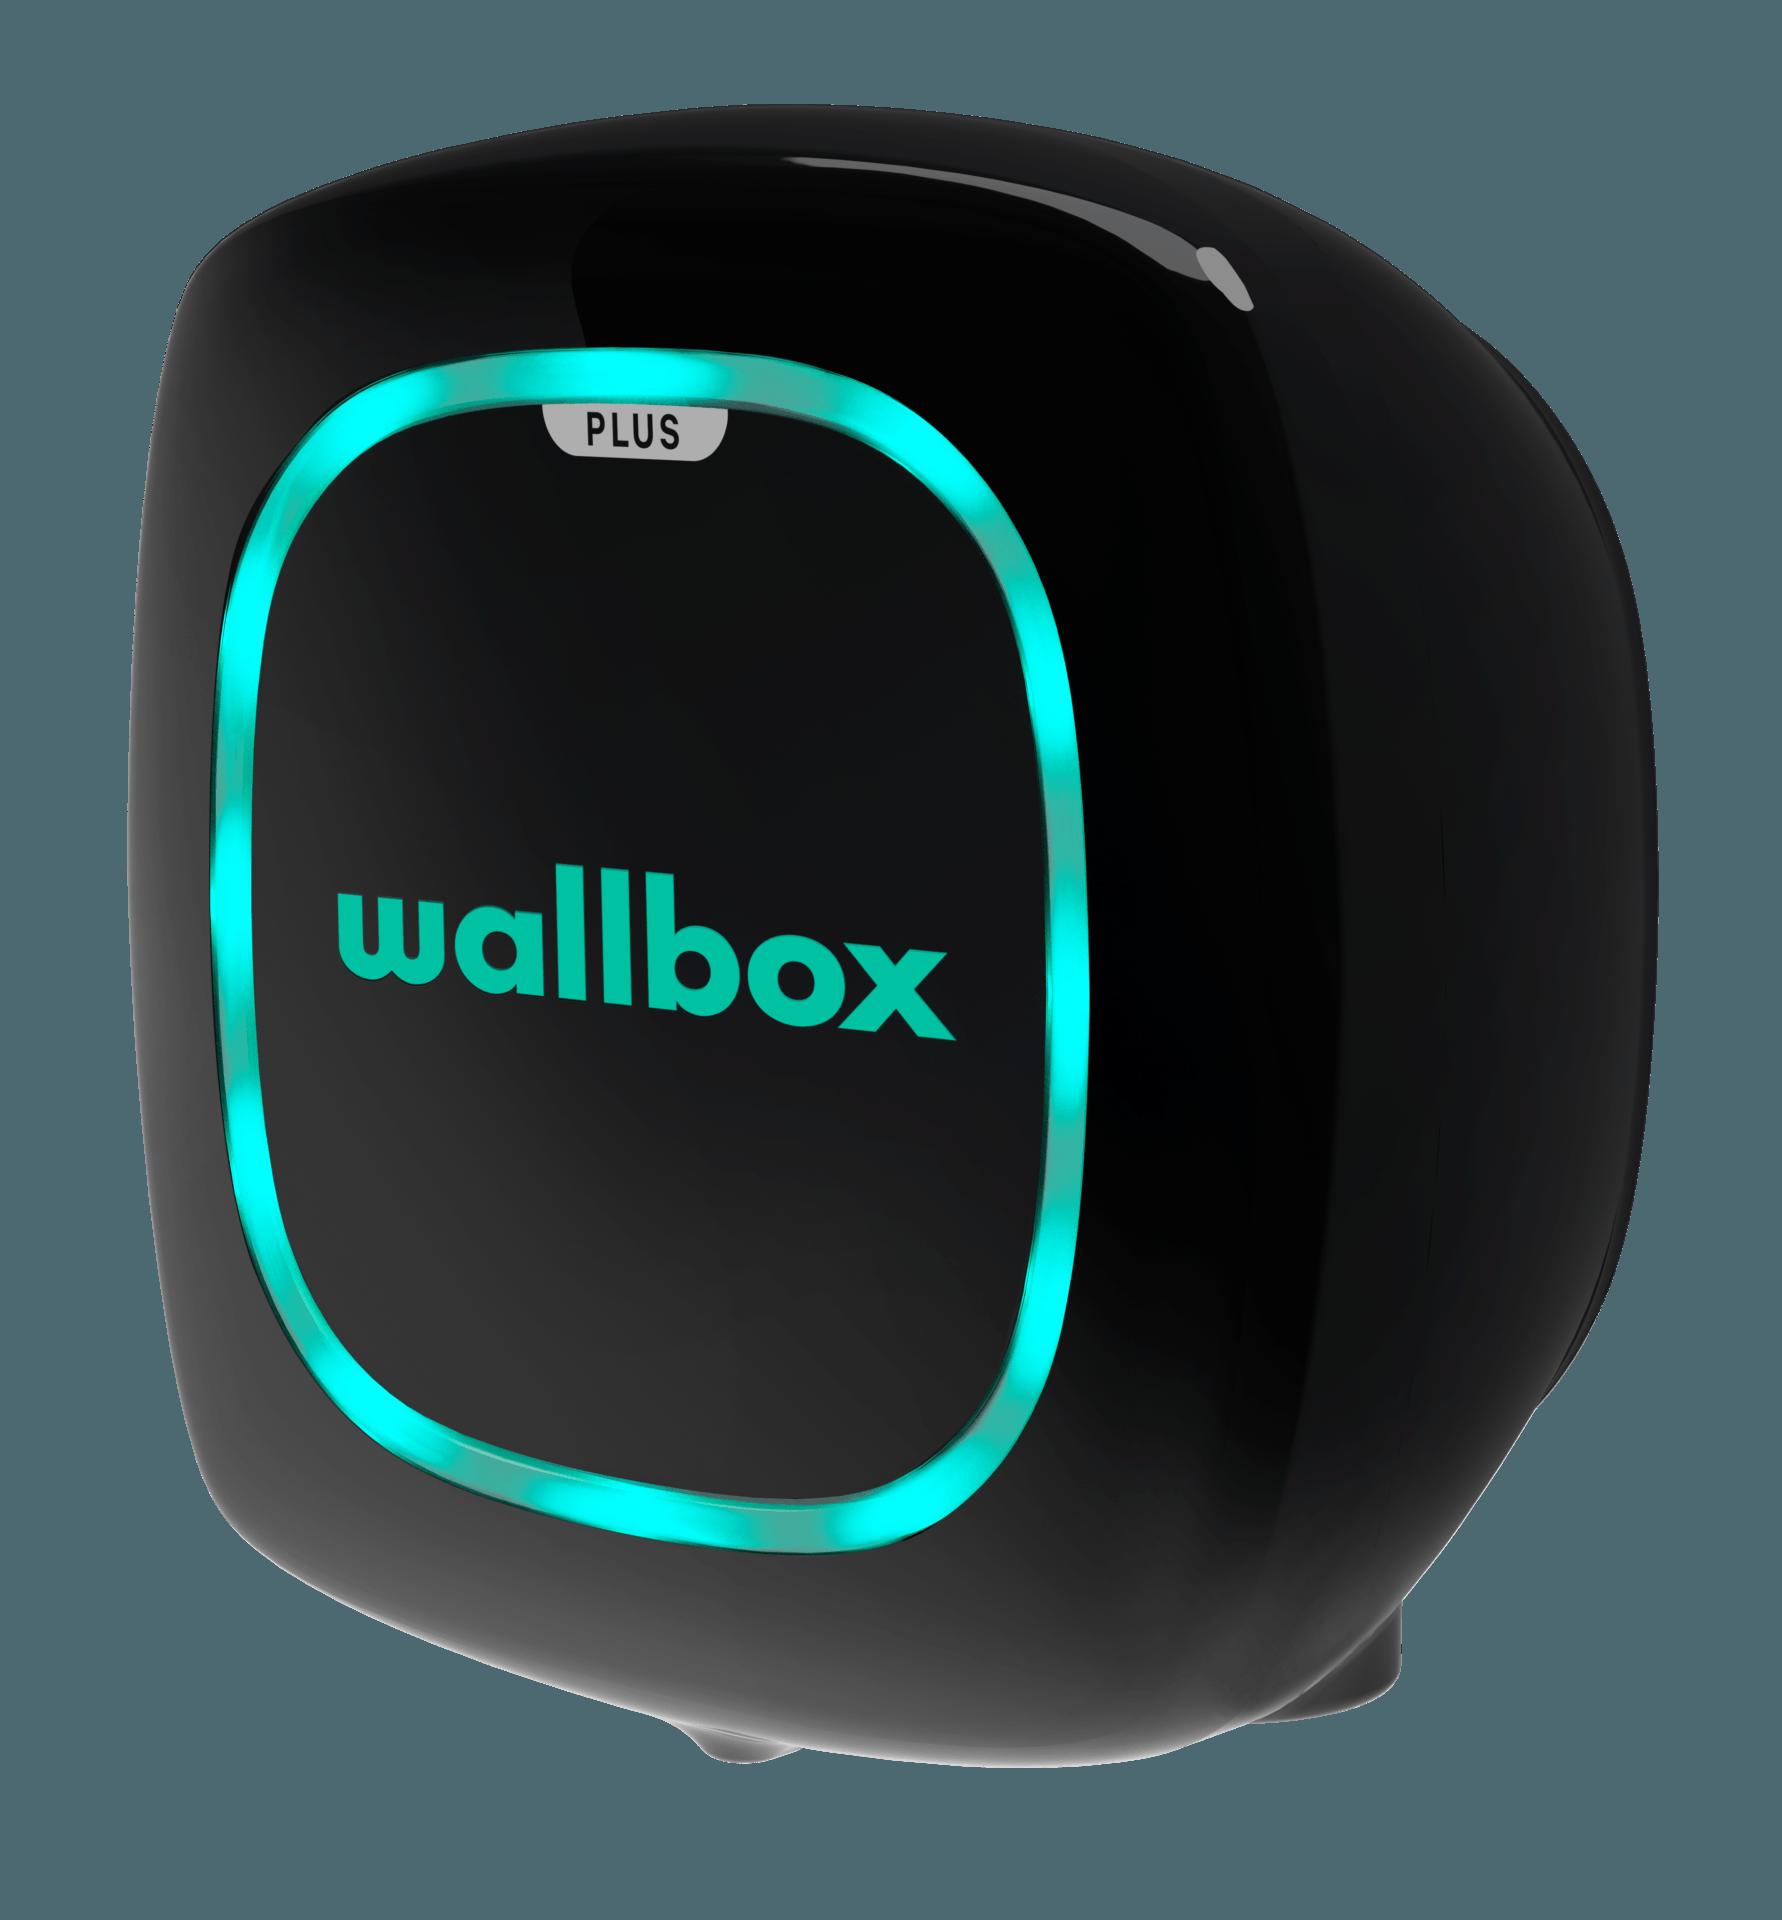 Wallbox Pulsar polnilnica za električna vozila